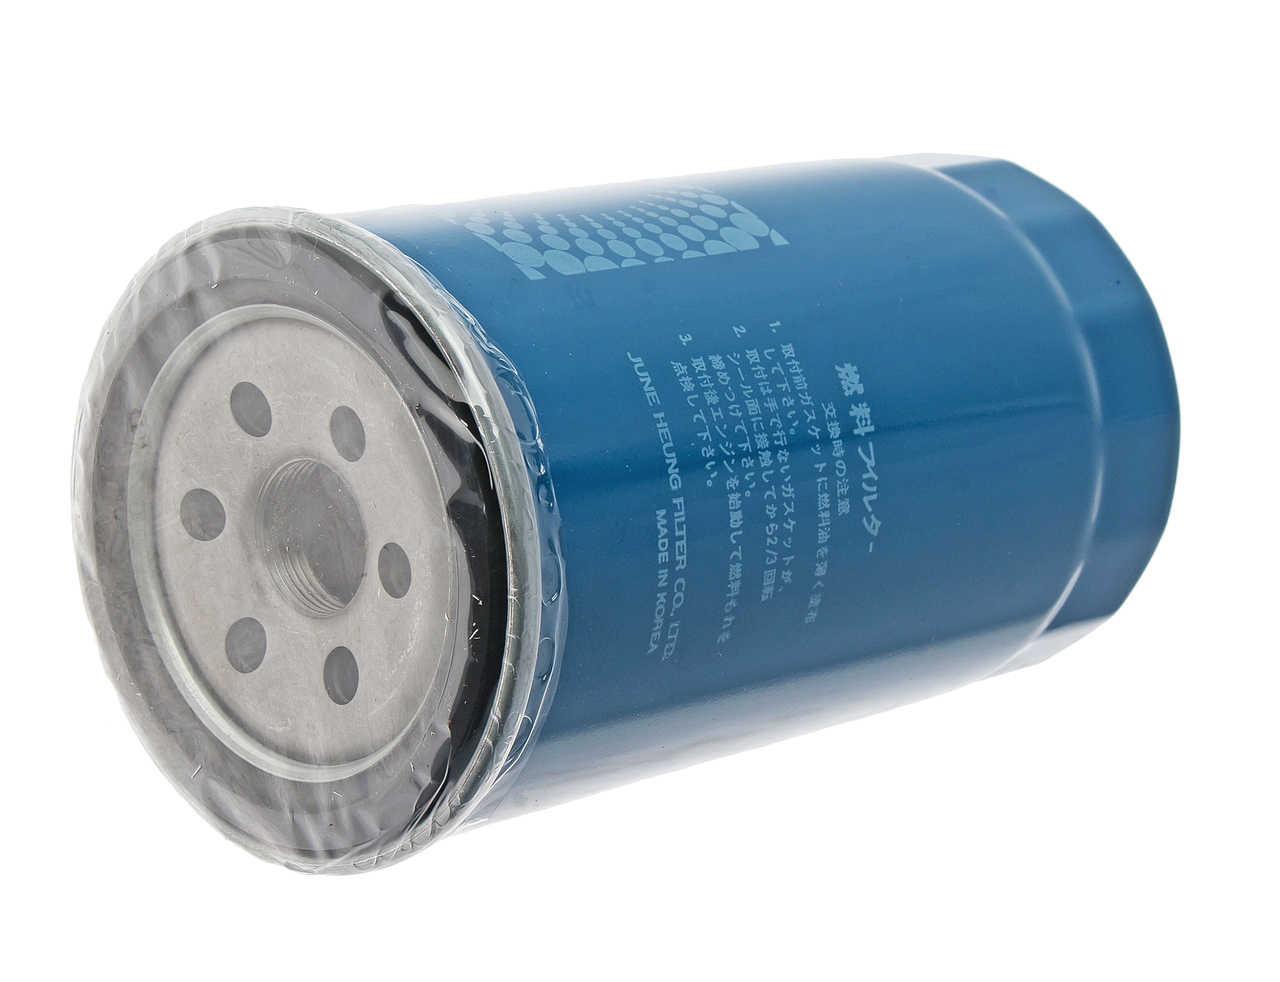 Фильтр топливный HYUNDAI HD170,250,260,270,450,AeroCity,AeroSpace дв.D6AC/AV/ABDD (JFC-H13) JHF JFC-H13